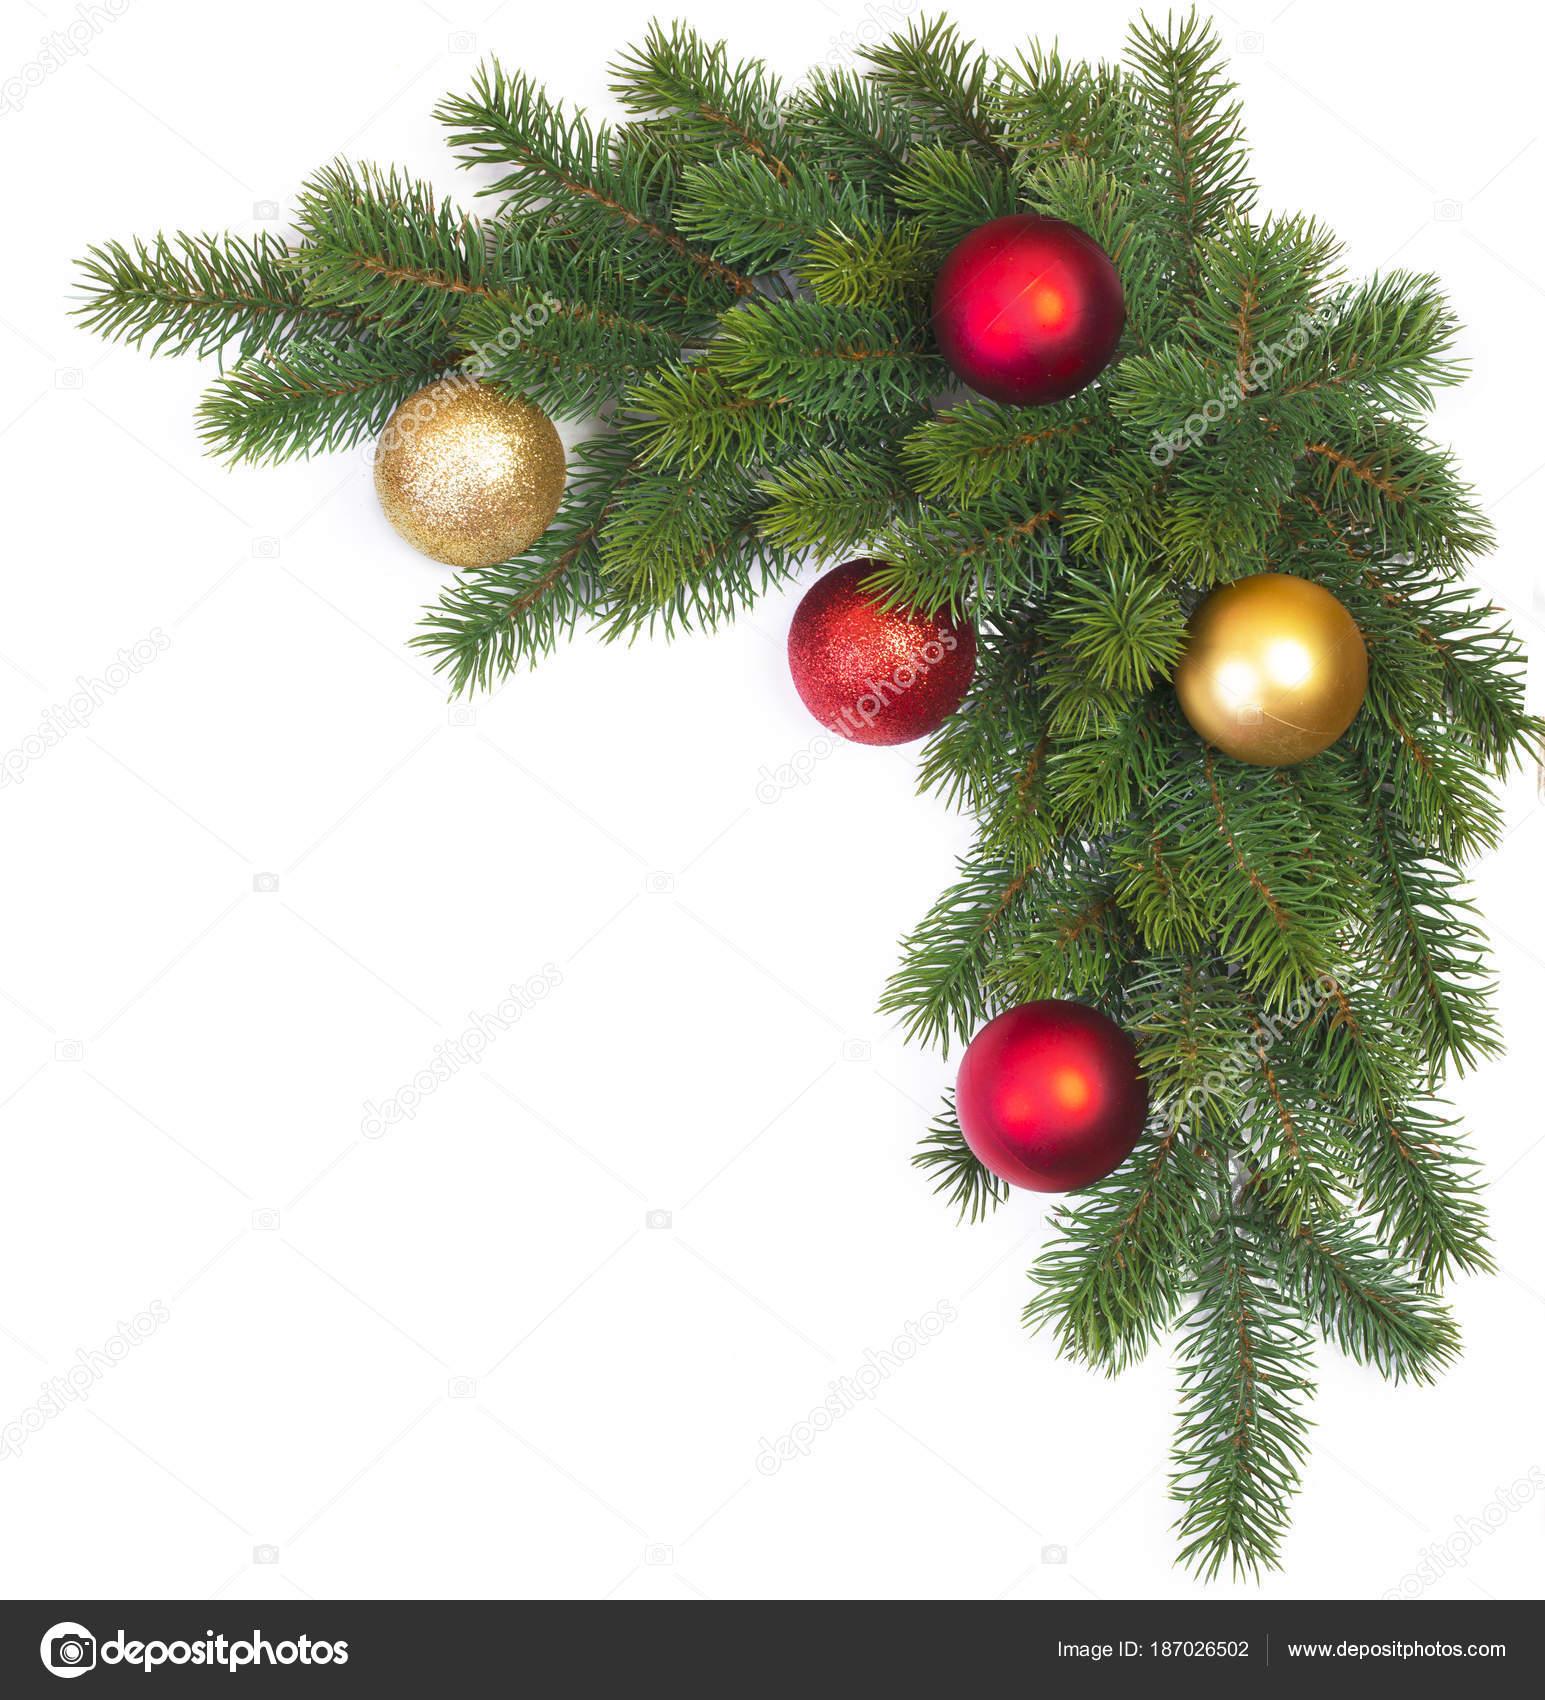 Branche Sapin Noel Avec Des Boules Noel Sur Fond Blanc